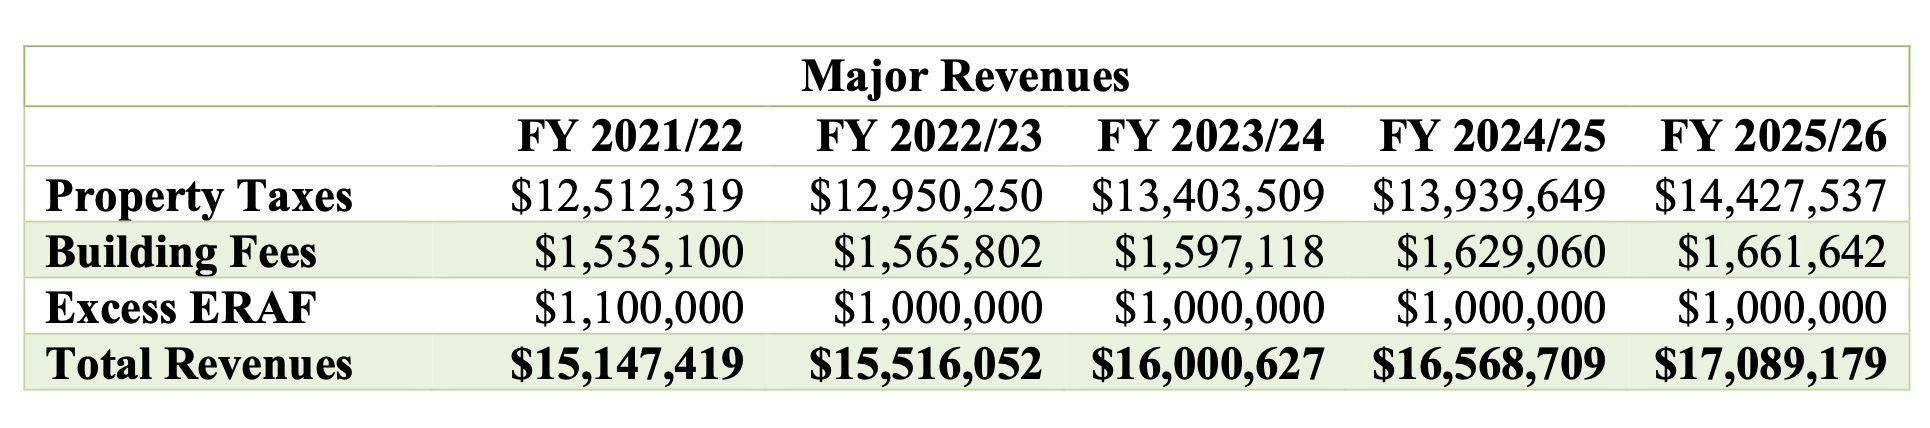 Major Revenues